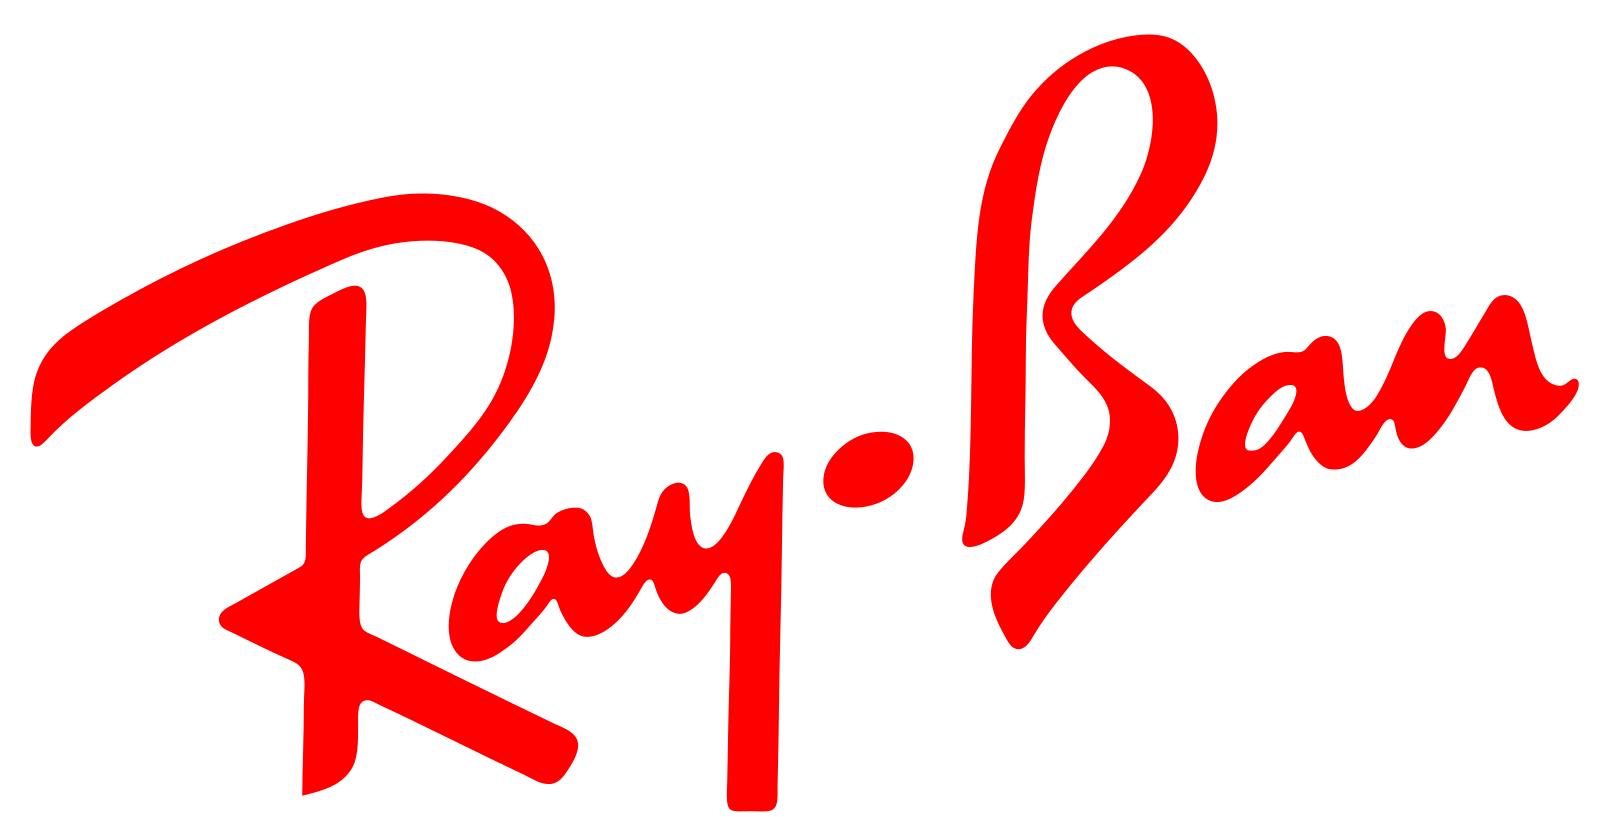 ray ban logo 9 - Ray-Ban Logo